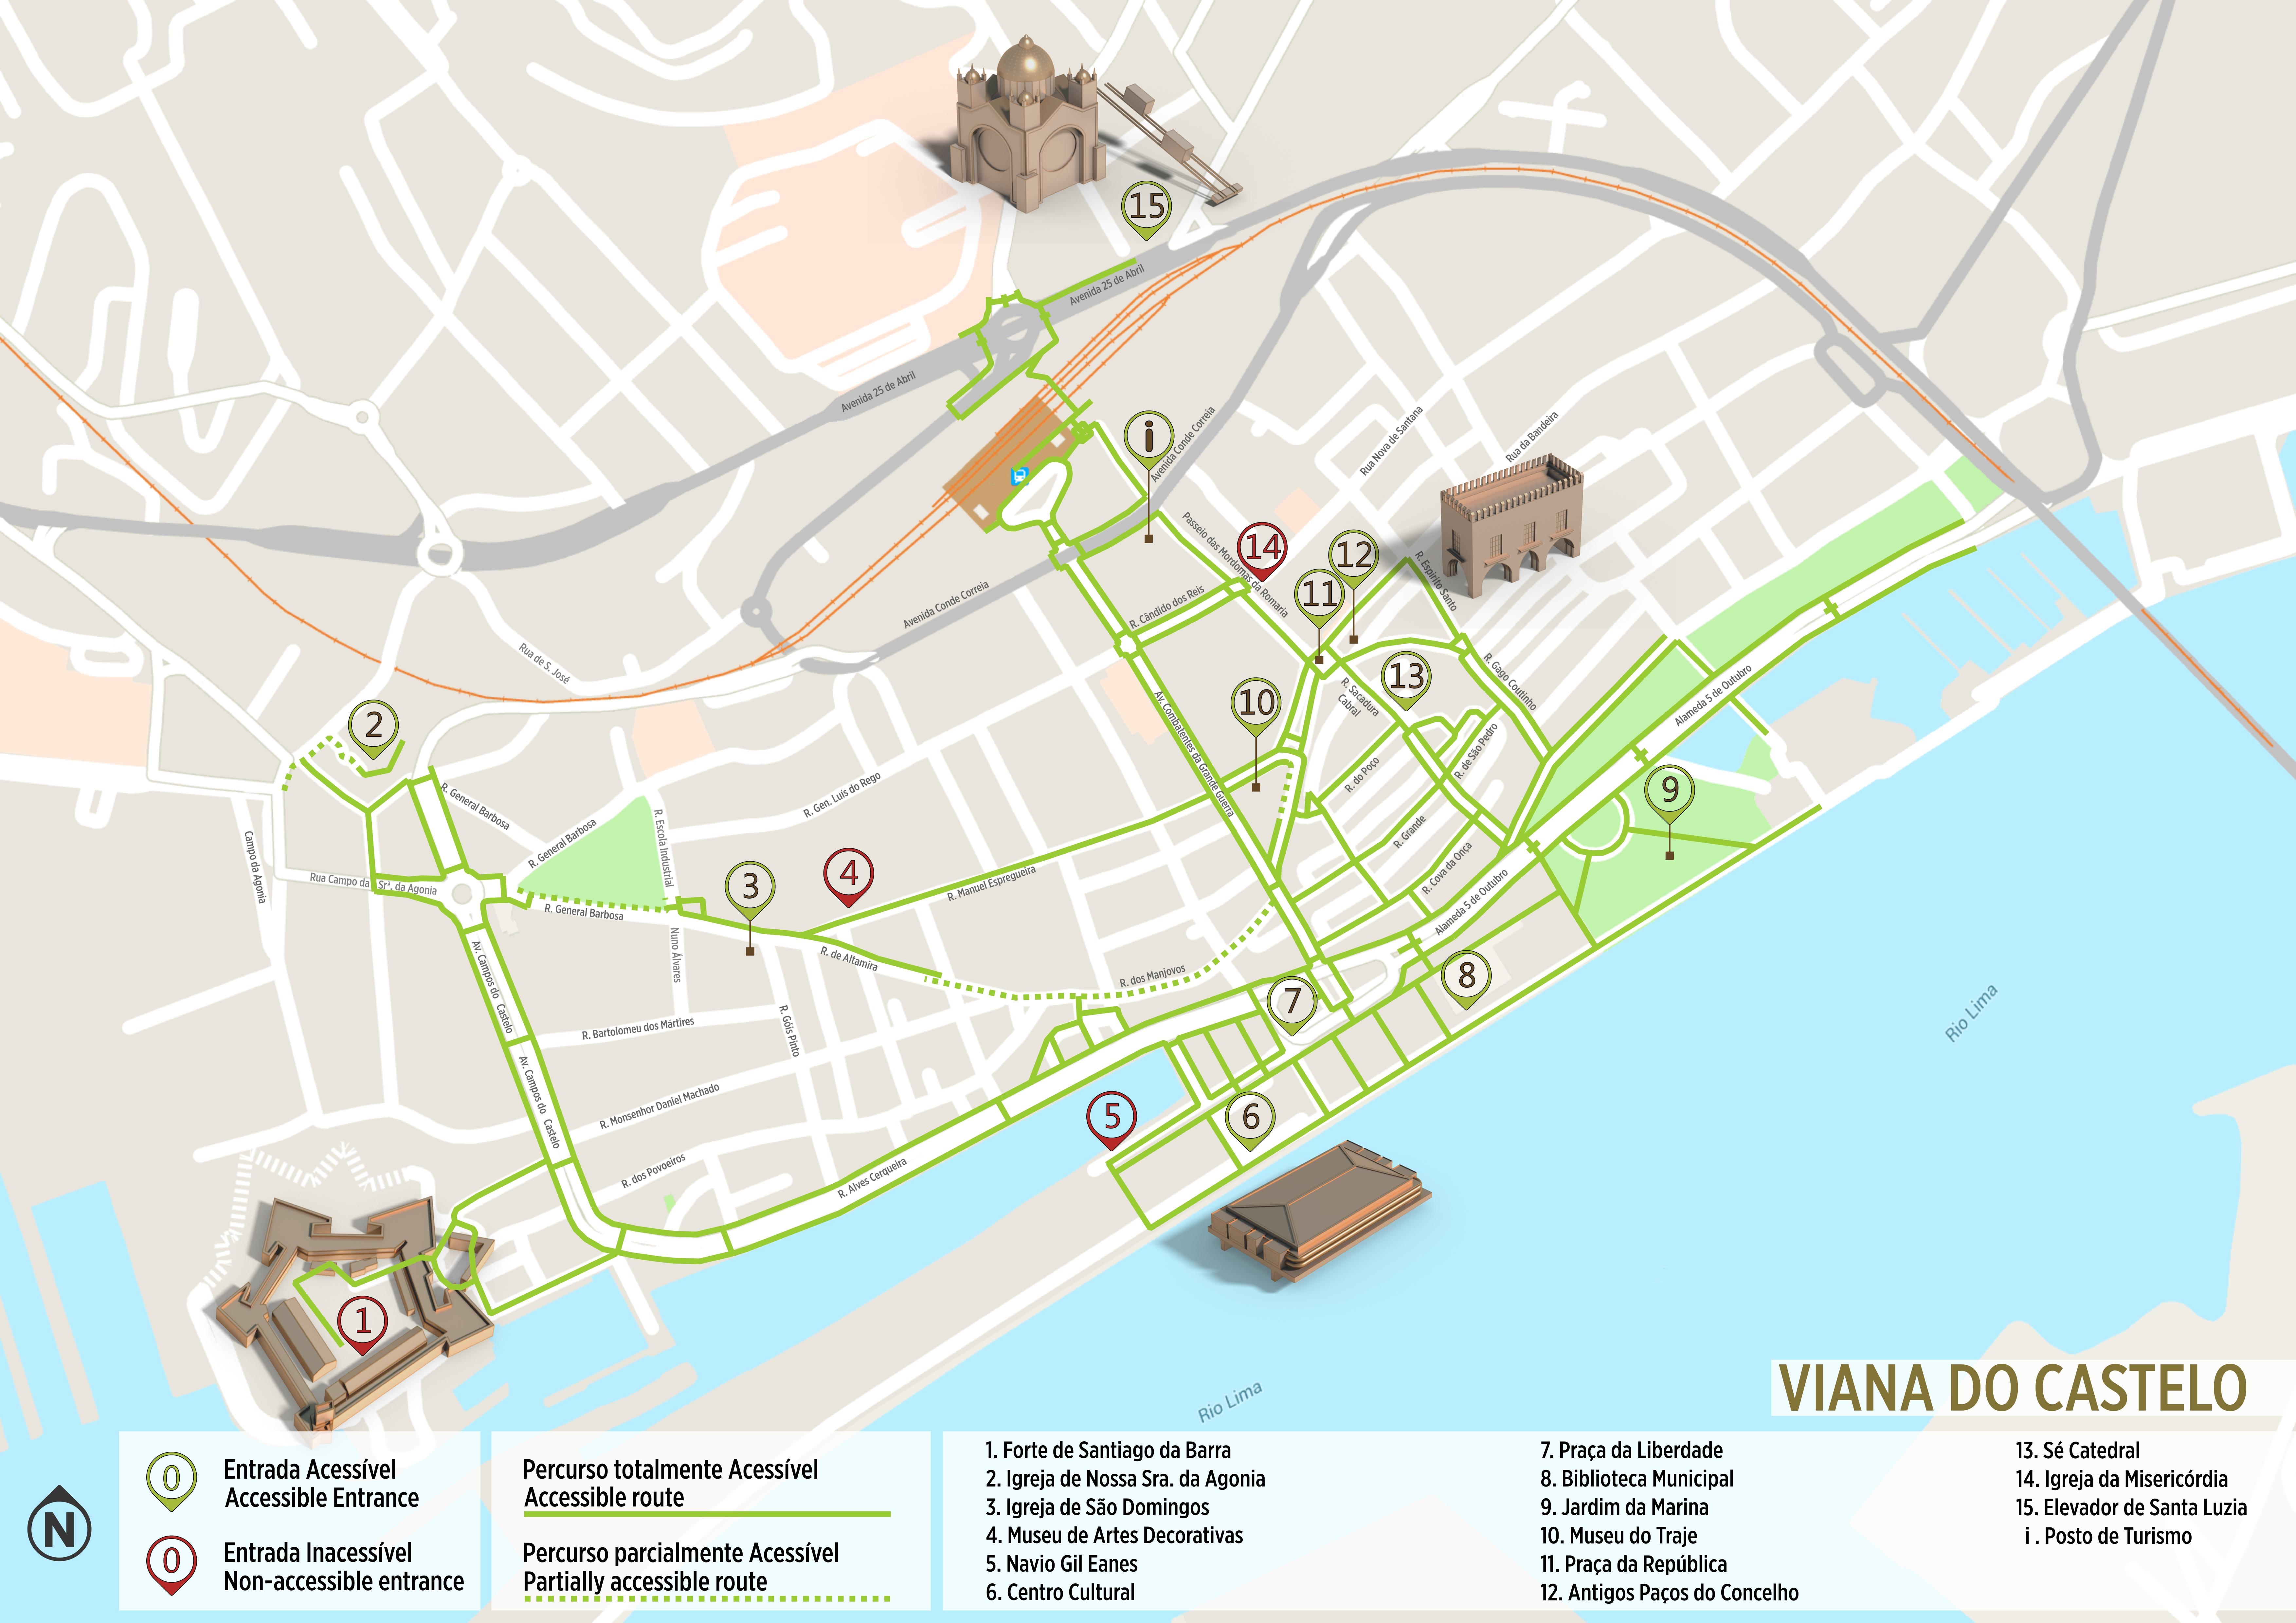 avenida dos combatentes lisboa mapa Viana do Castelo   Itinerário Acessível | .visitportugal.com avenida dos combatentes lisboa mapa